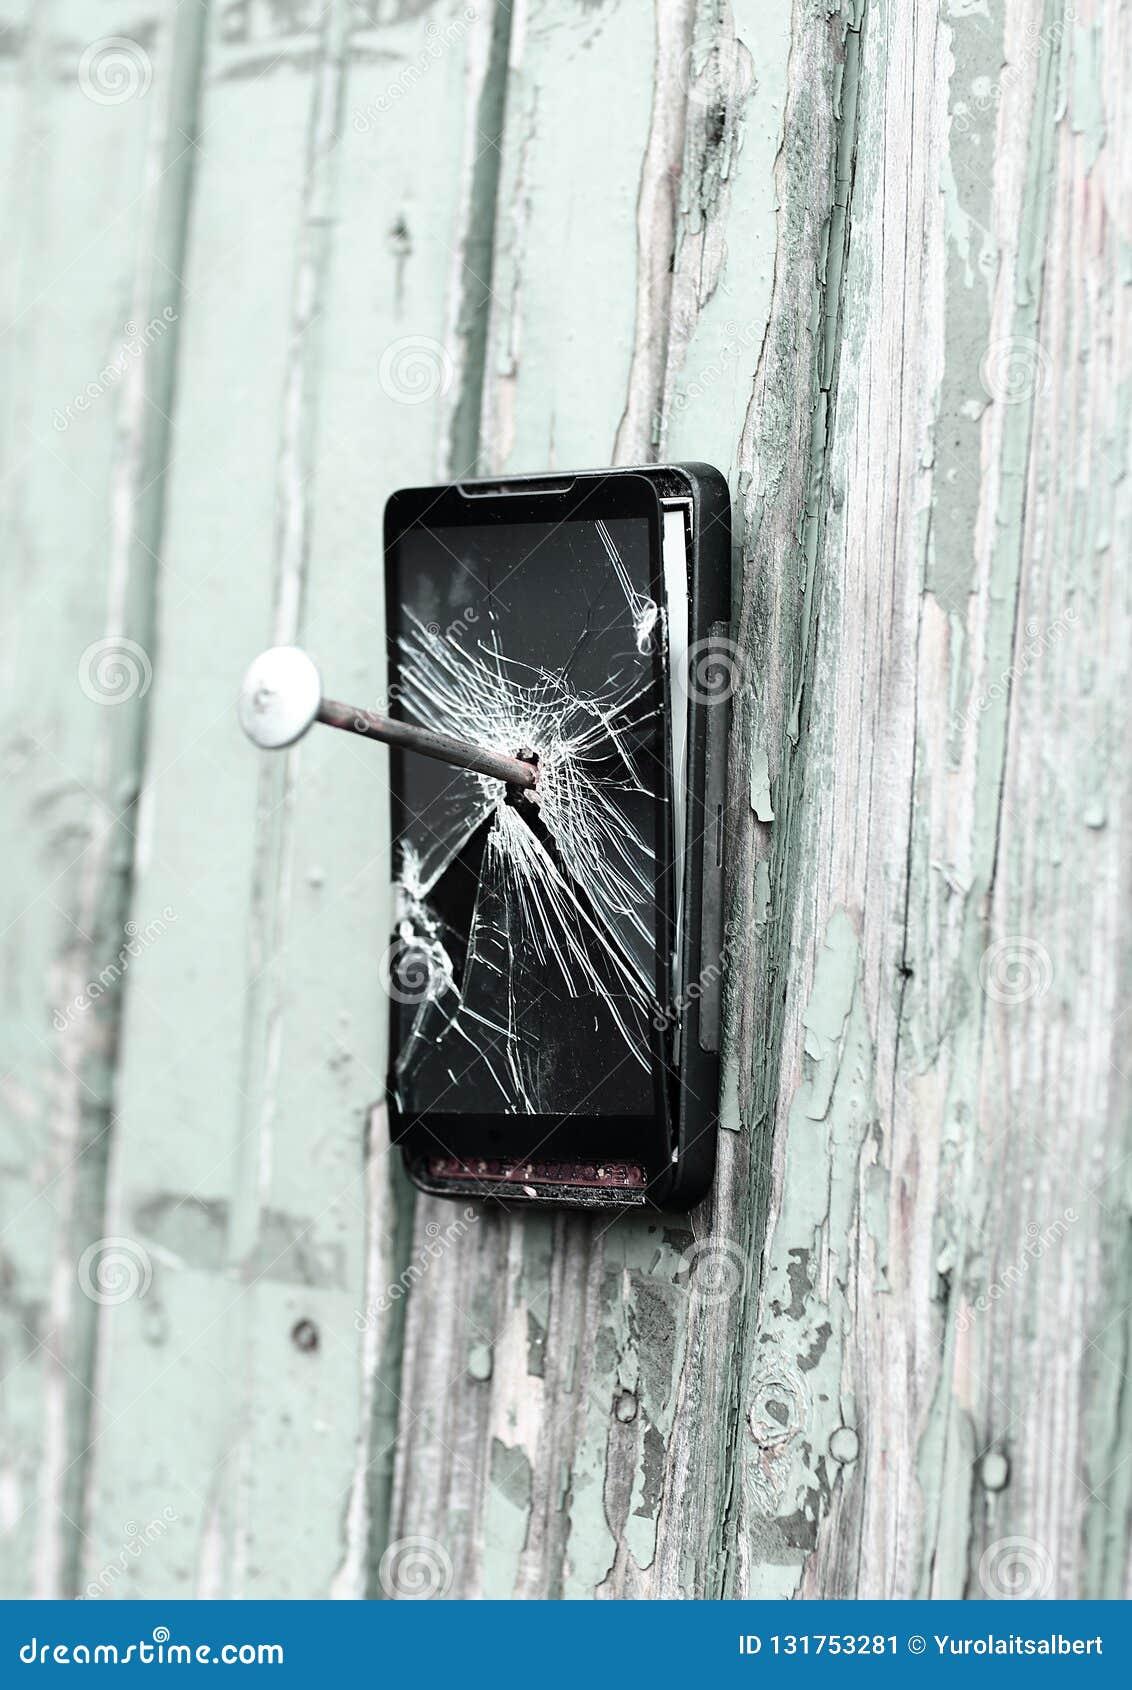 Il telefono cellulare obsoleto è inchiodato ad un recinto di legno